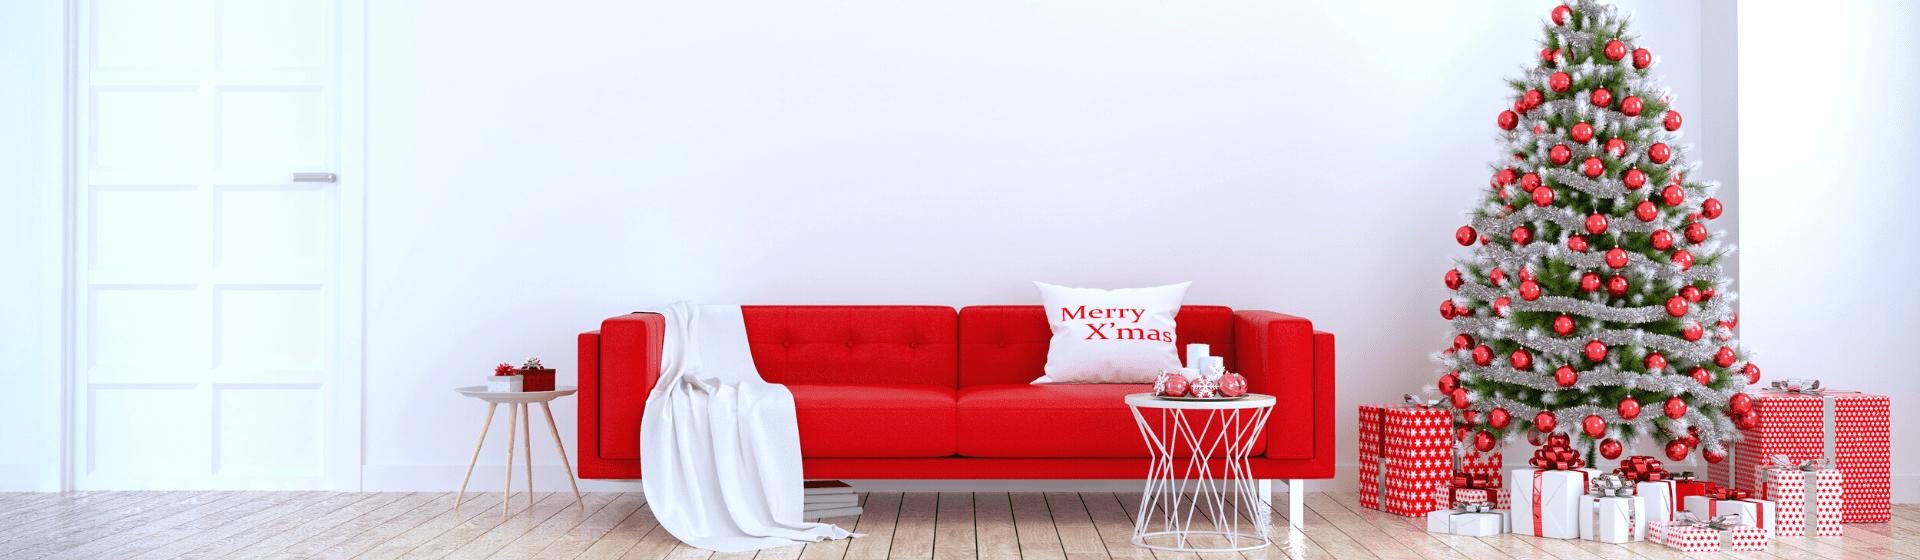 Decoração de Natal 2020: como arrumar a sala de estar para o Natal?